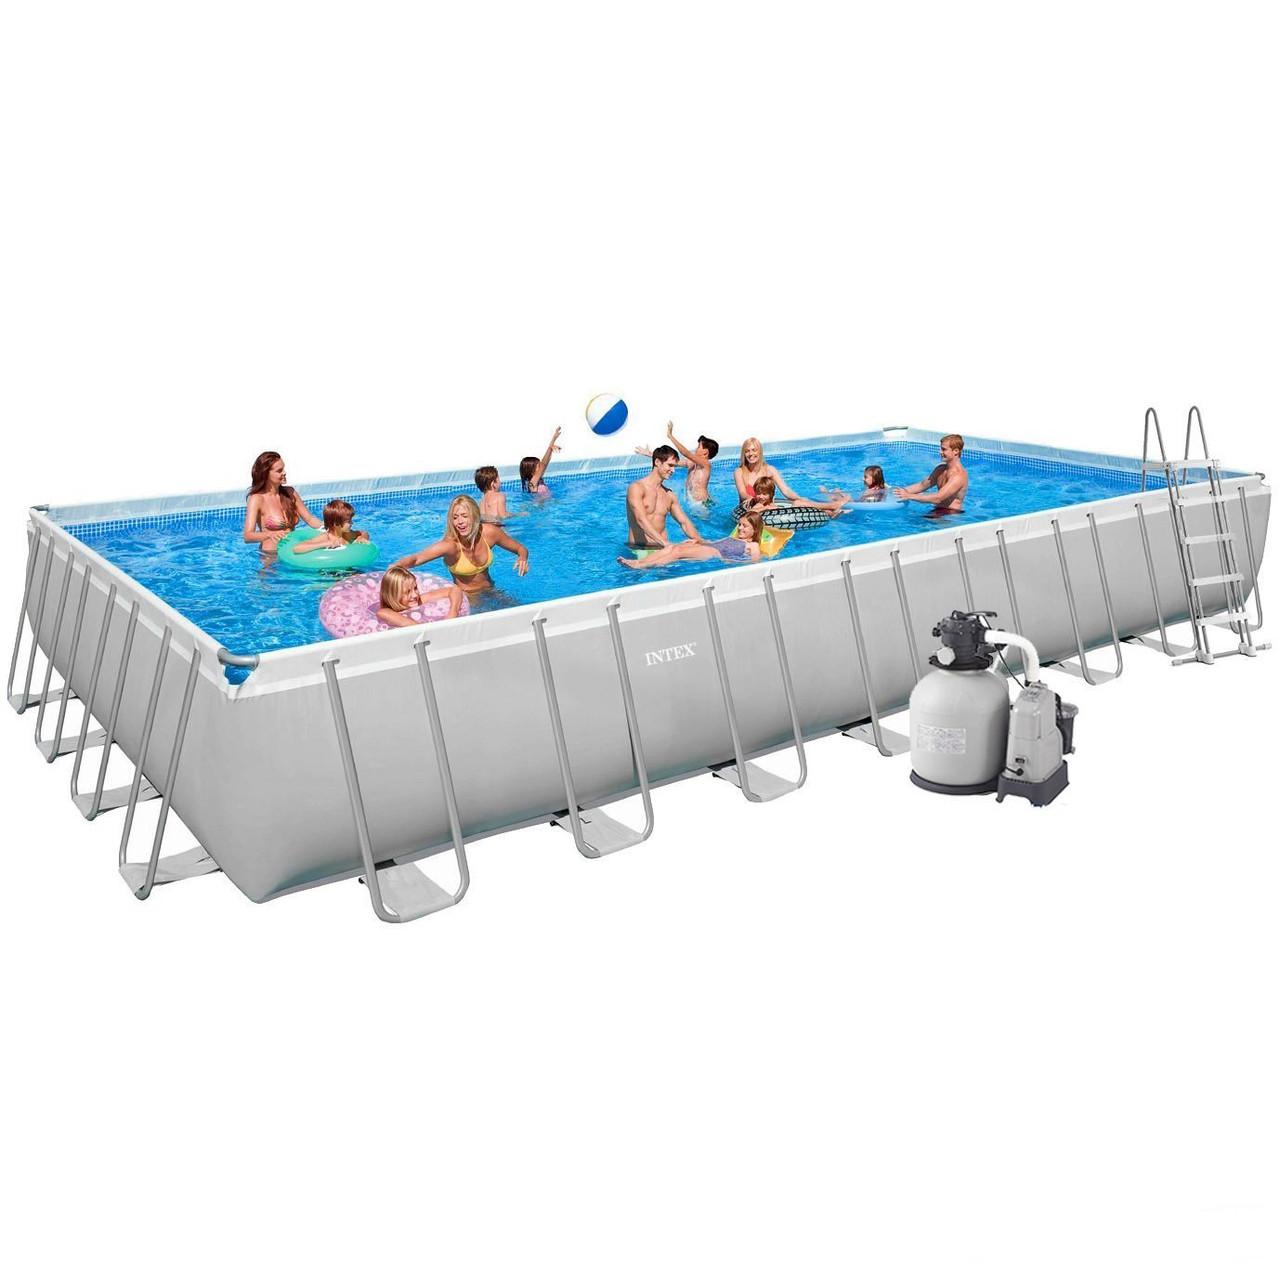 Каркасний басейн Intex 28376 Pool 975х488х132 см Басейн